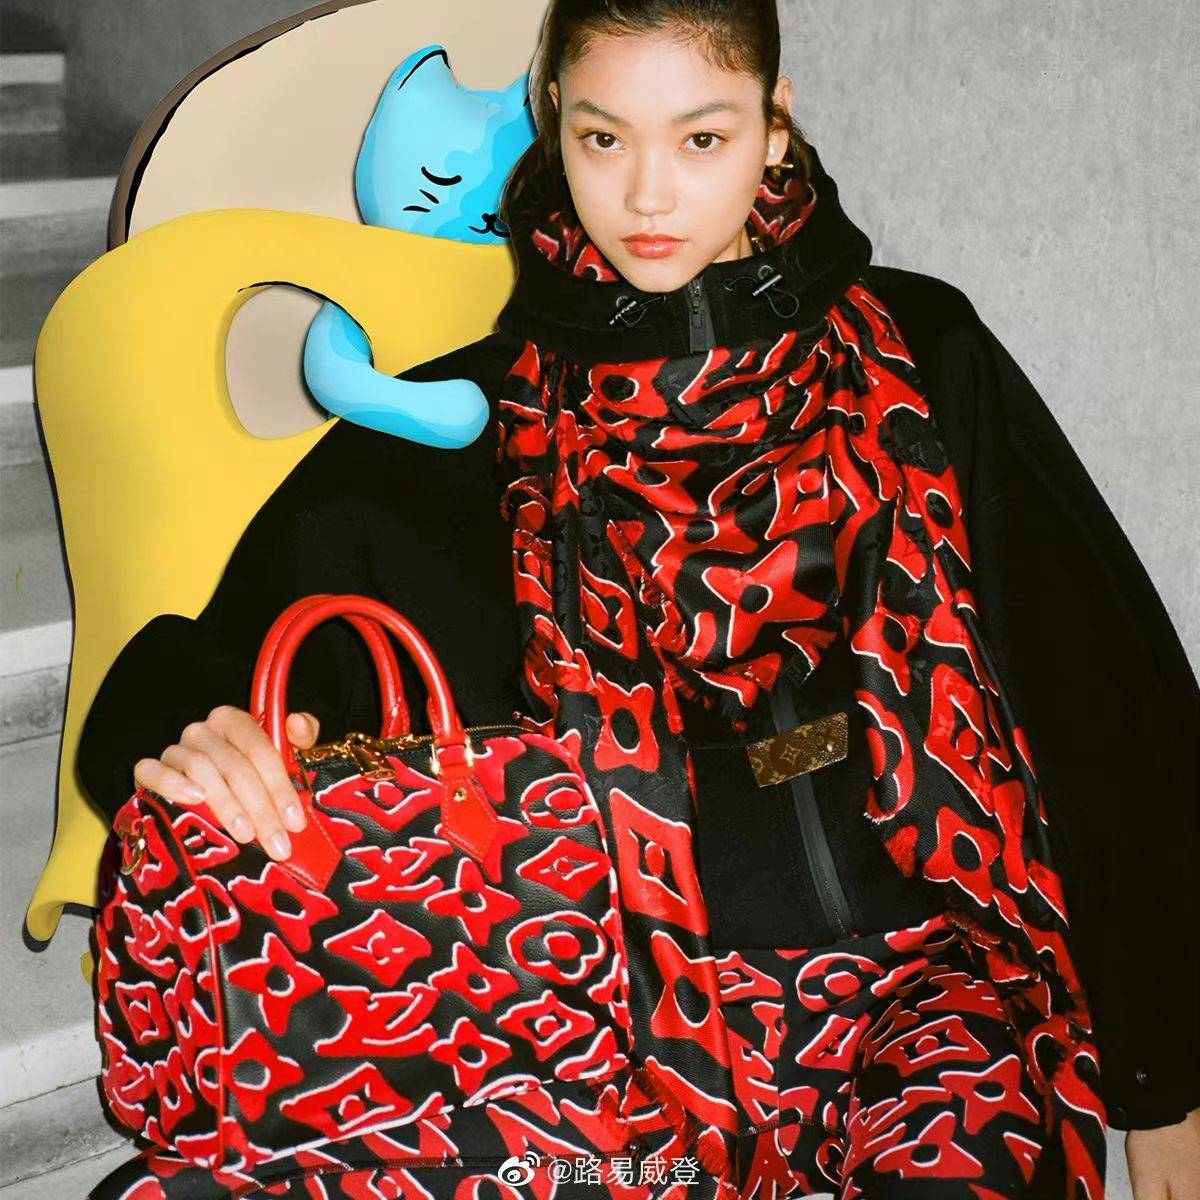 摩登日记 经典手袋的全新灵感 奢侈品蜕变成艺术品